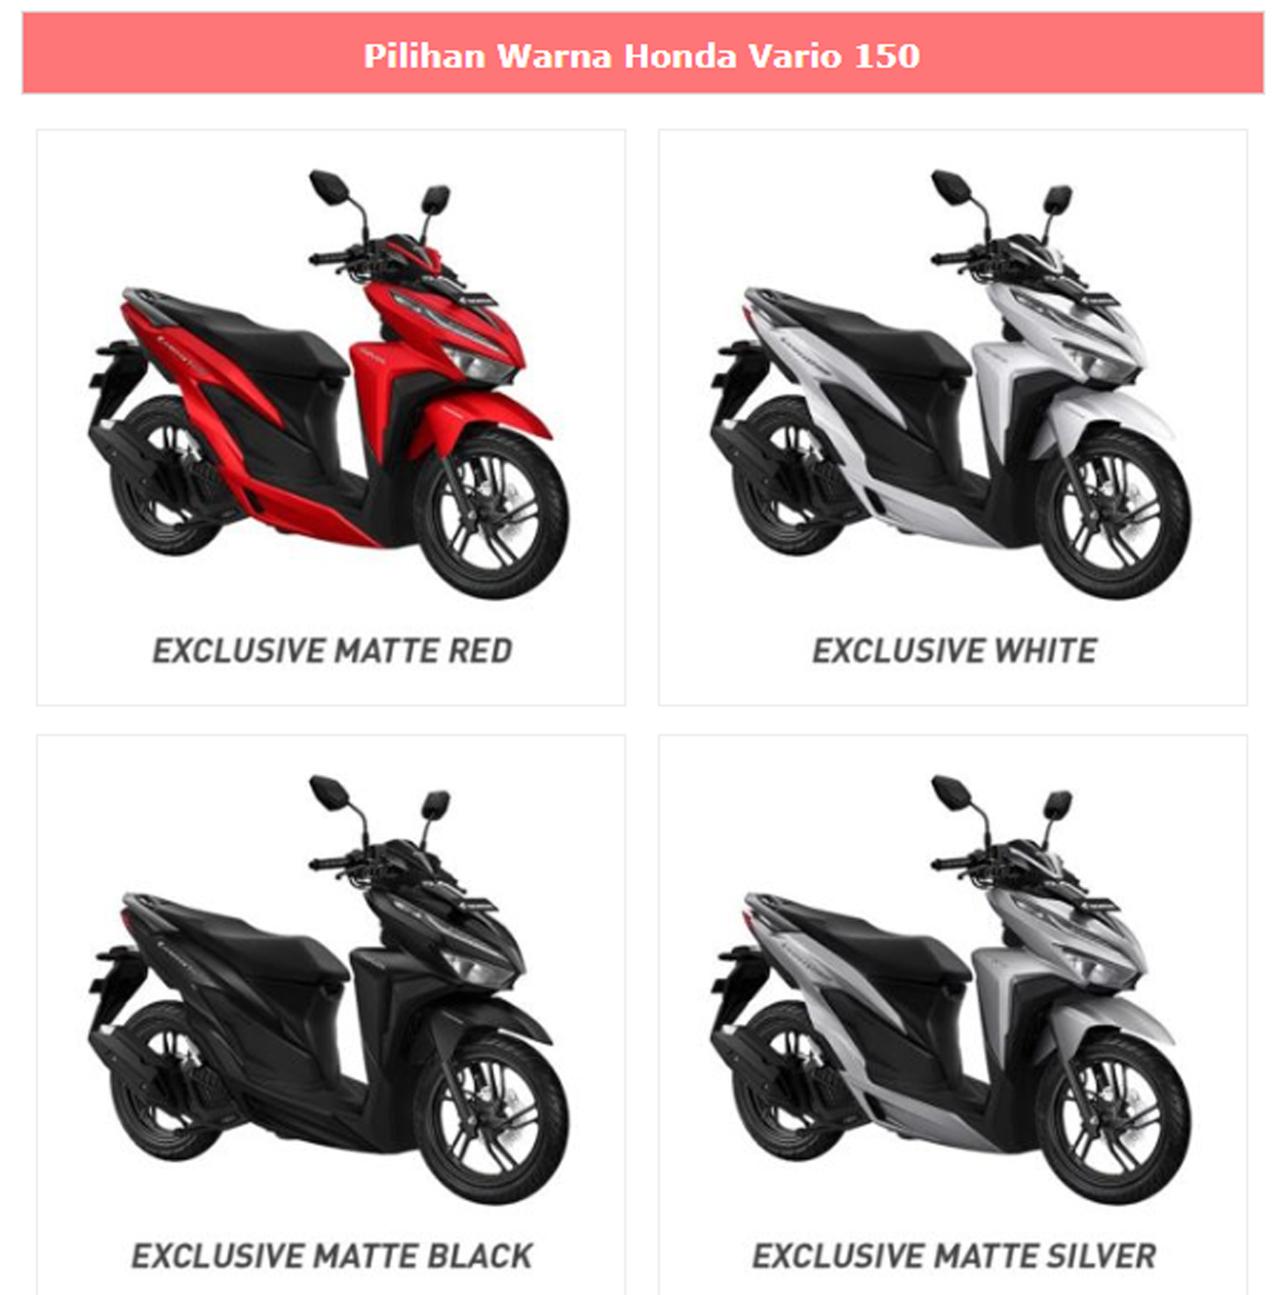 All New Honda Vario 150 Tahun 2018 Tersedia Dengan 4 Pilihan Warna Menarik Yakni Exclusive Matte Red Silver Black Dan